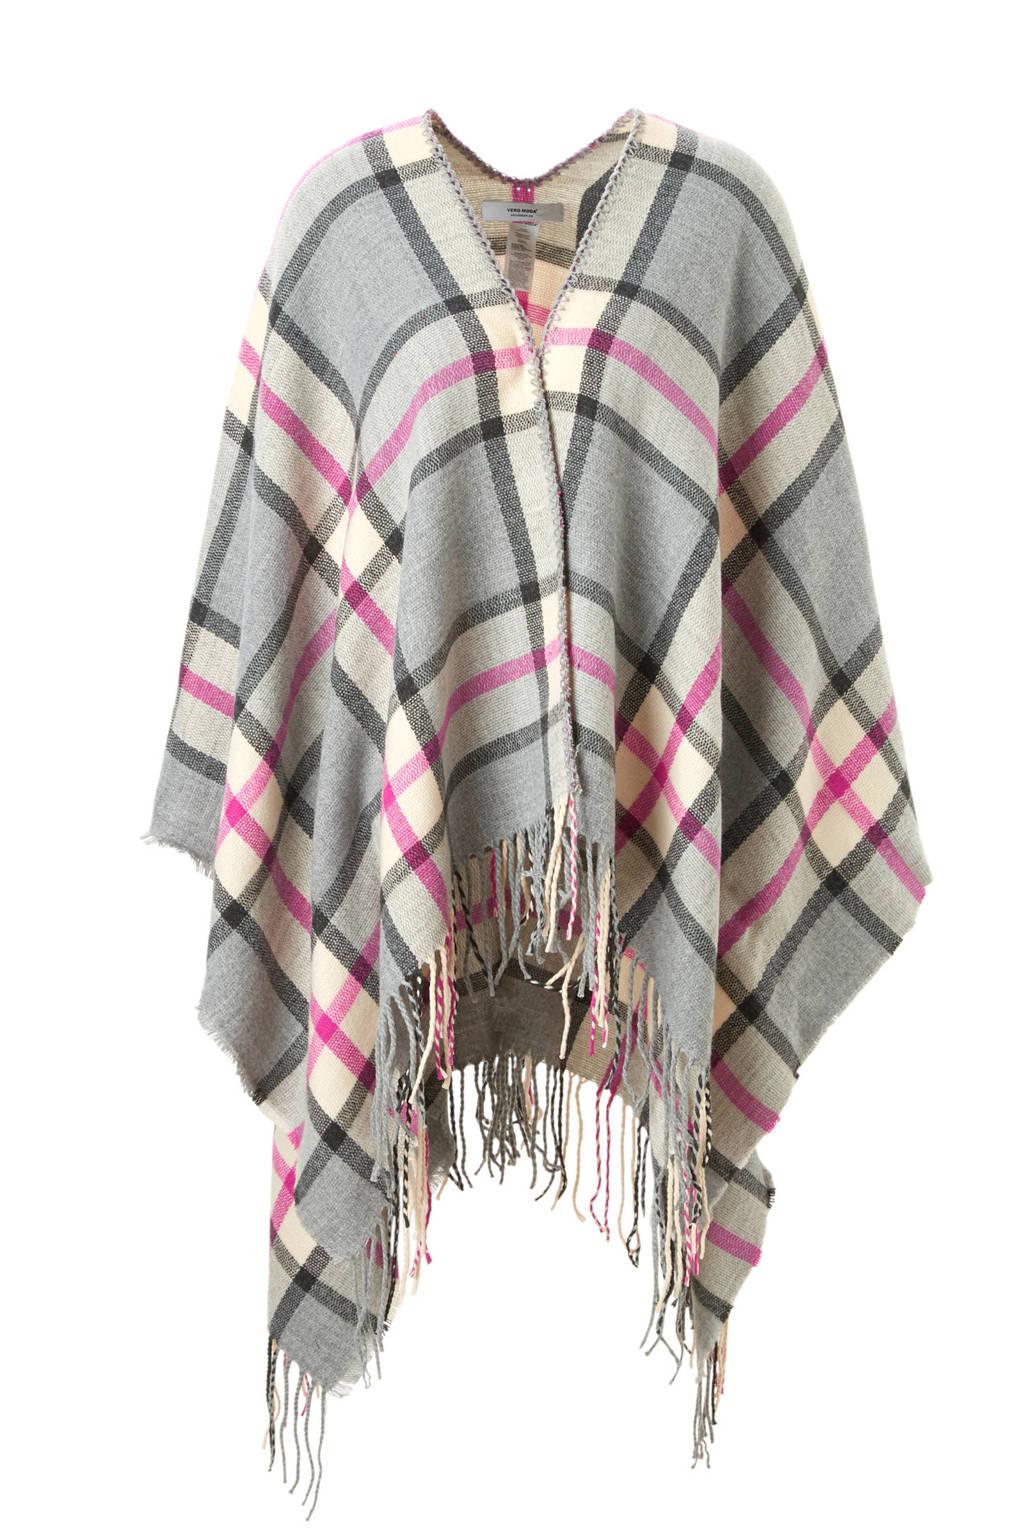 Vero Moda sjaal / omslagdoek -80% @ Wehkamp